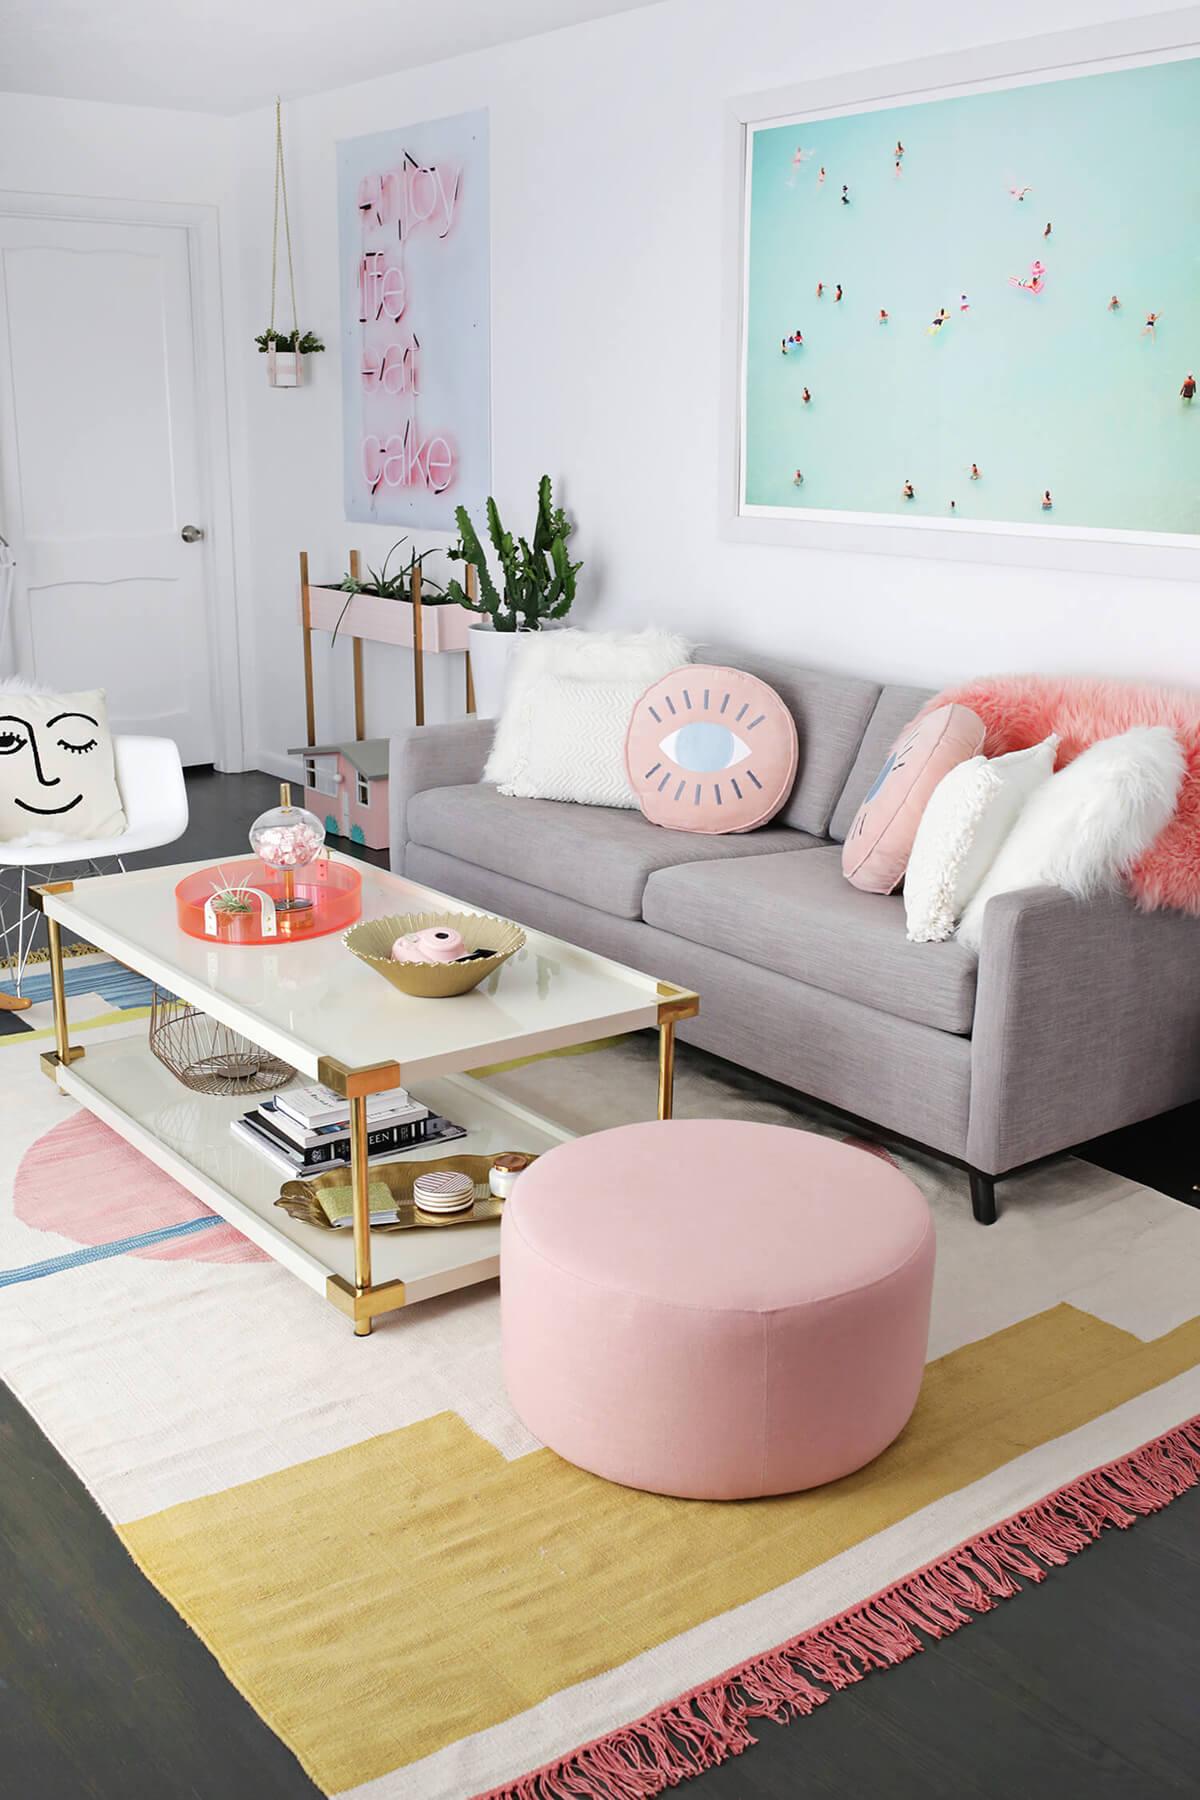 A Contemporary Colorful Living Room Design